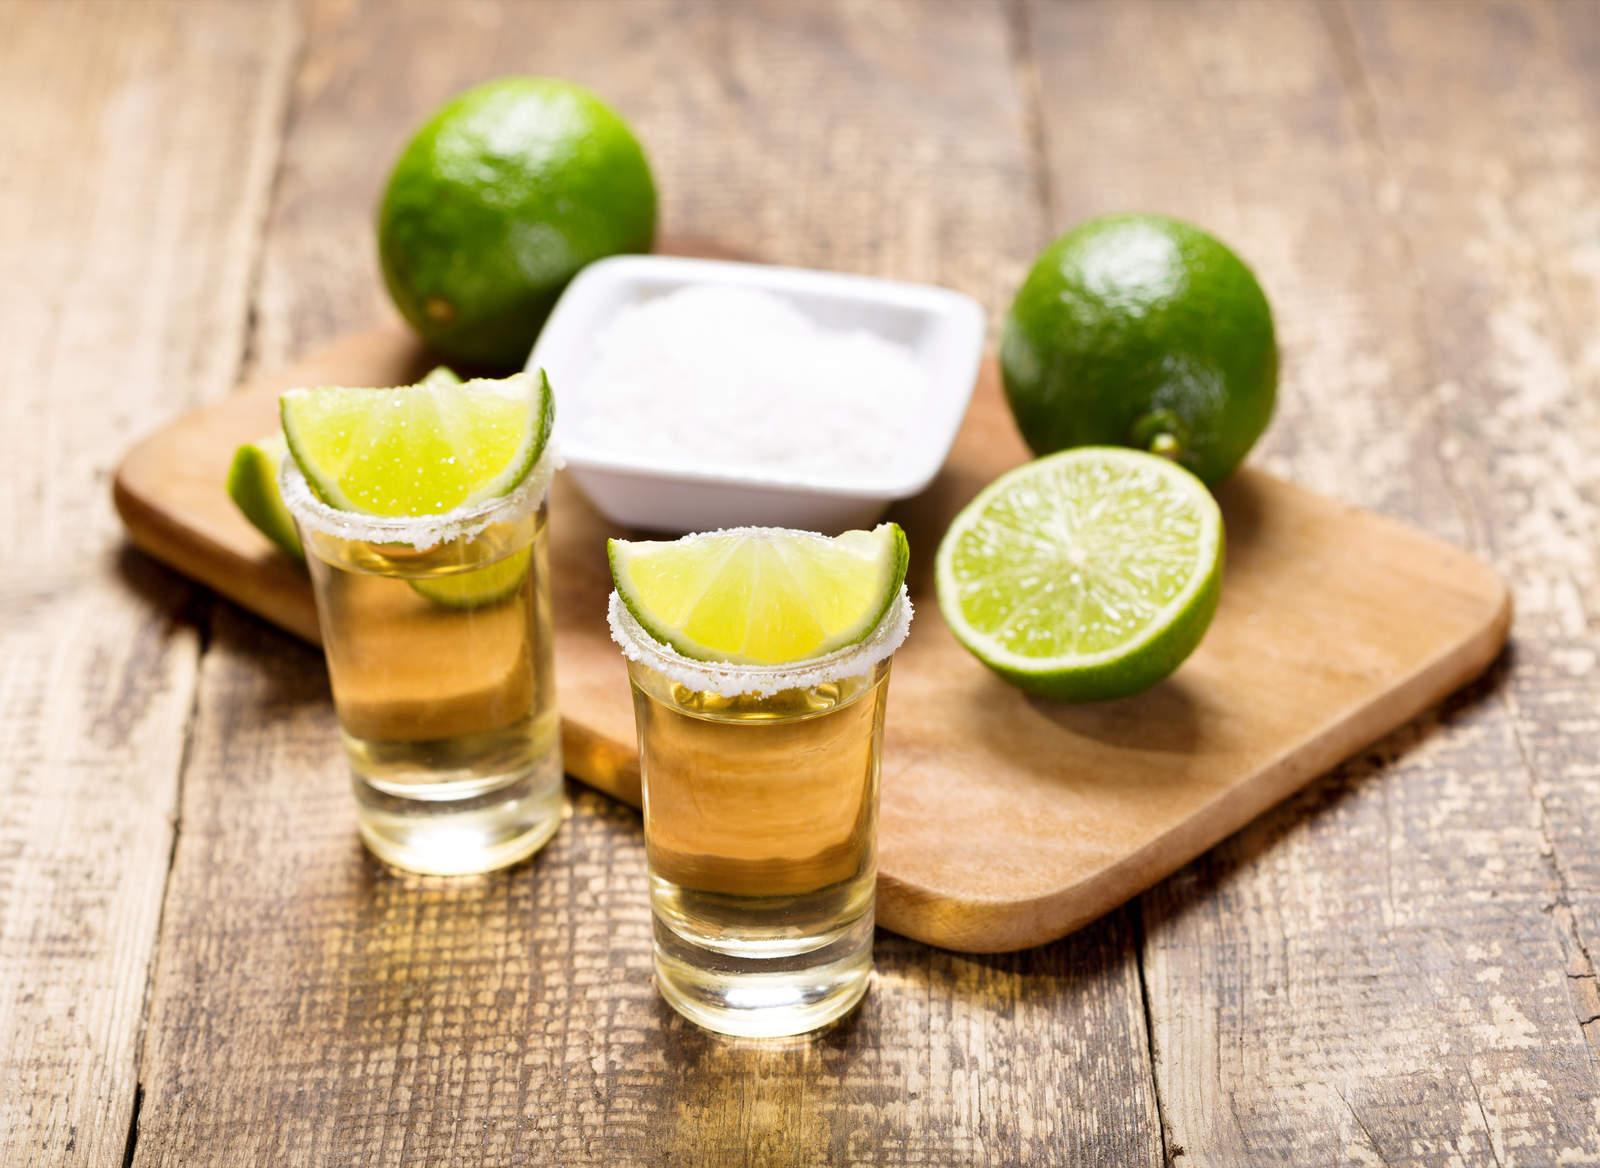 El tequila puede ayudar a bajar de peso, revela estudio